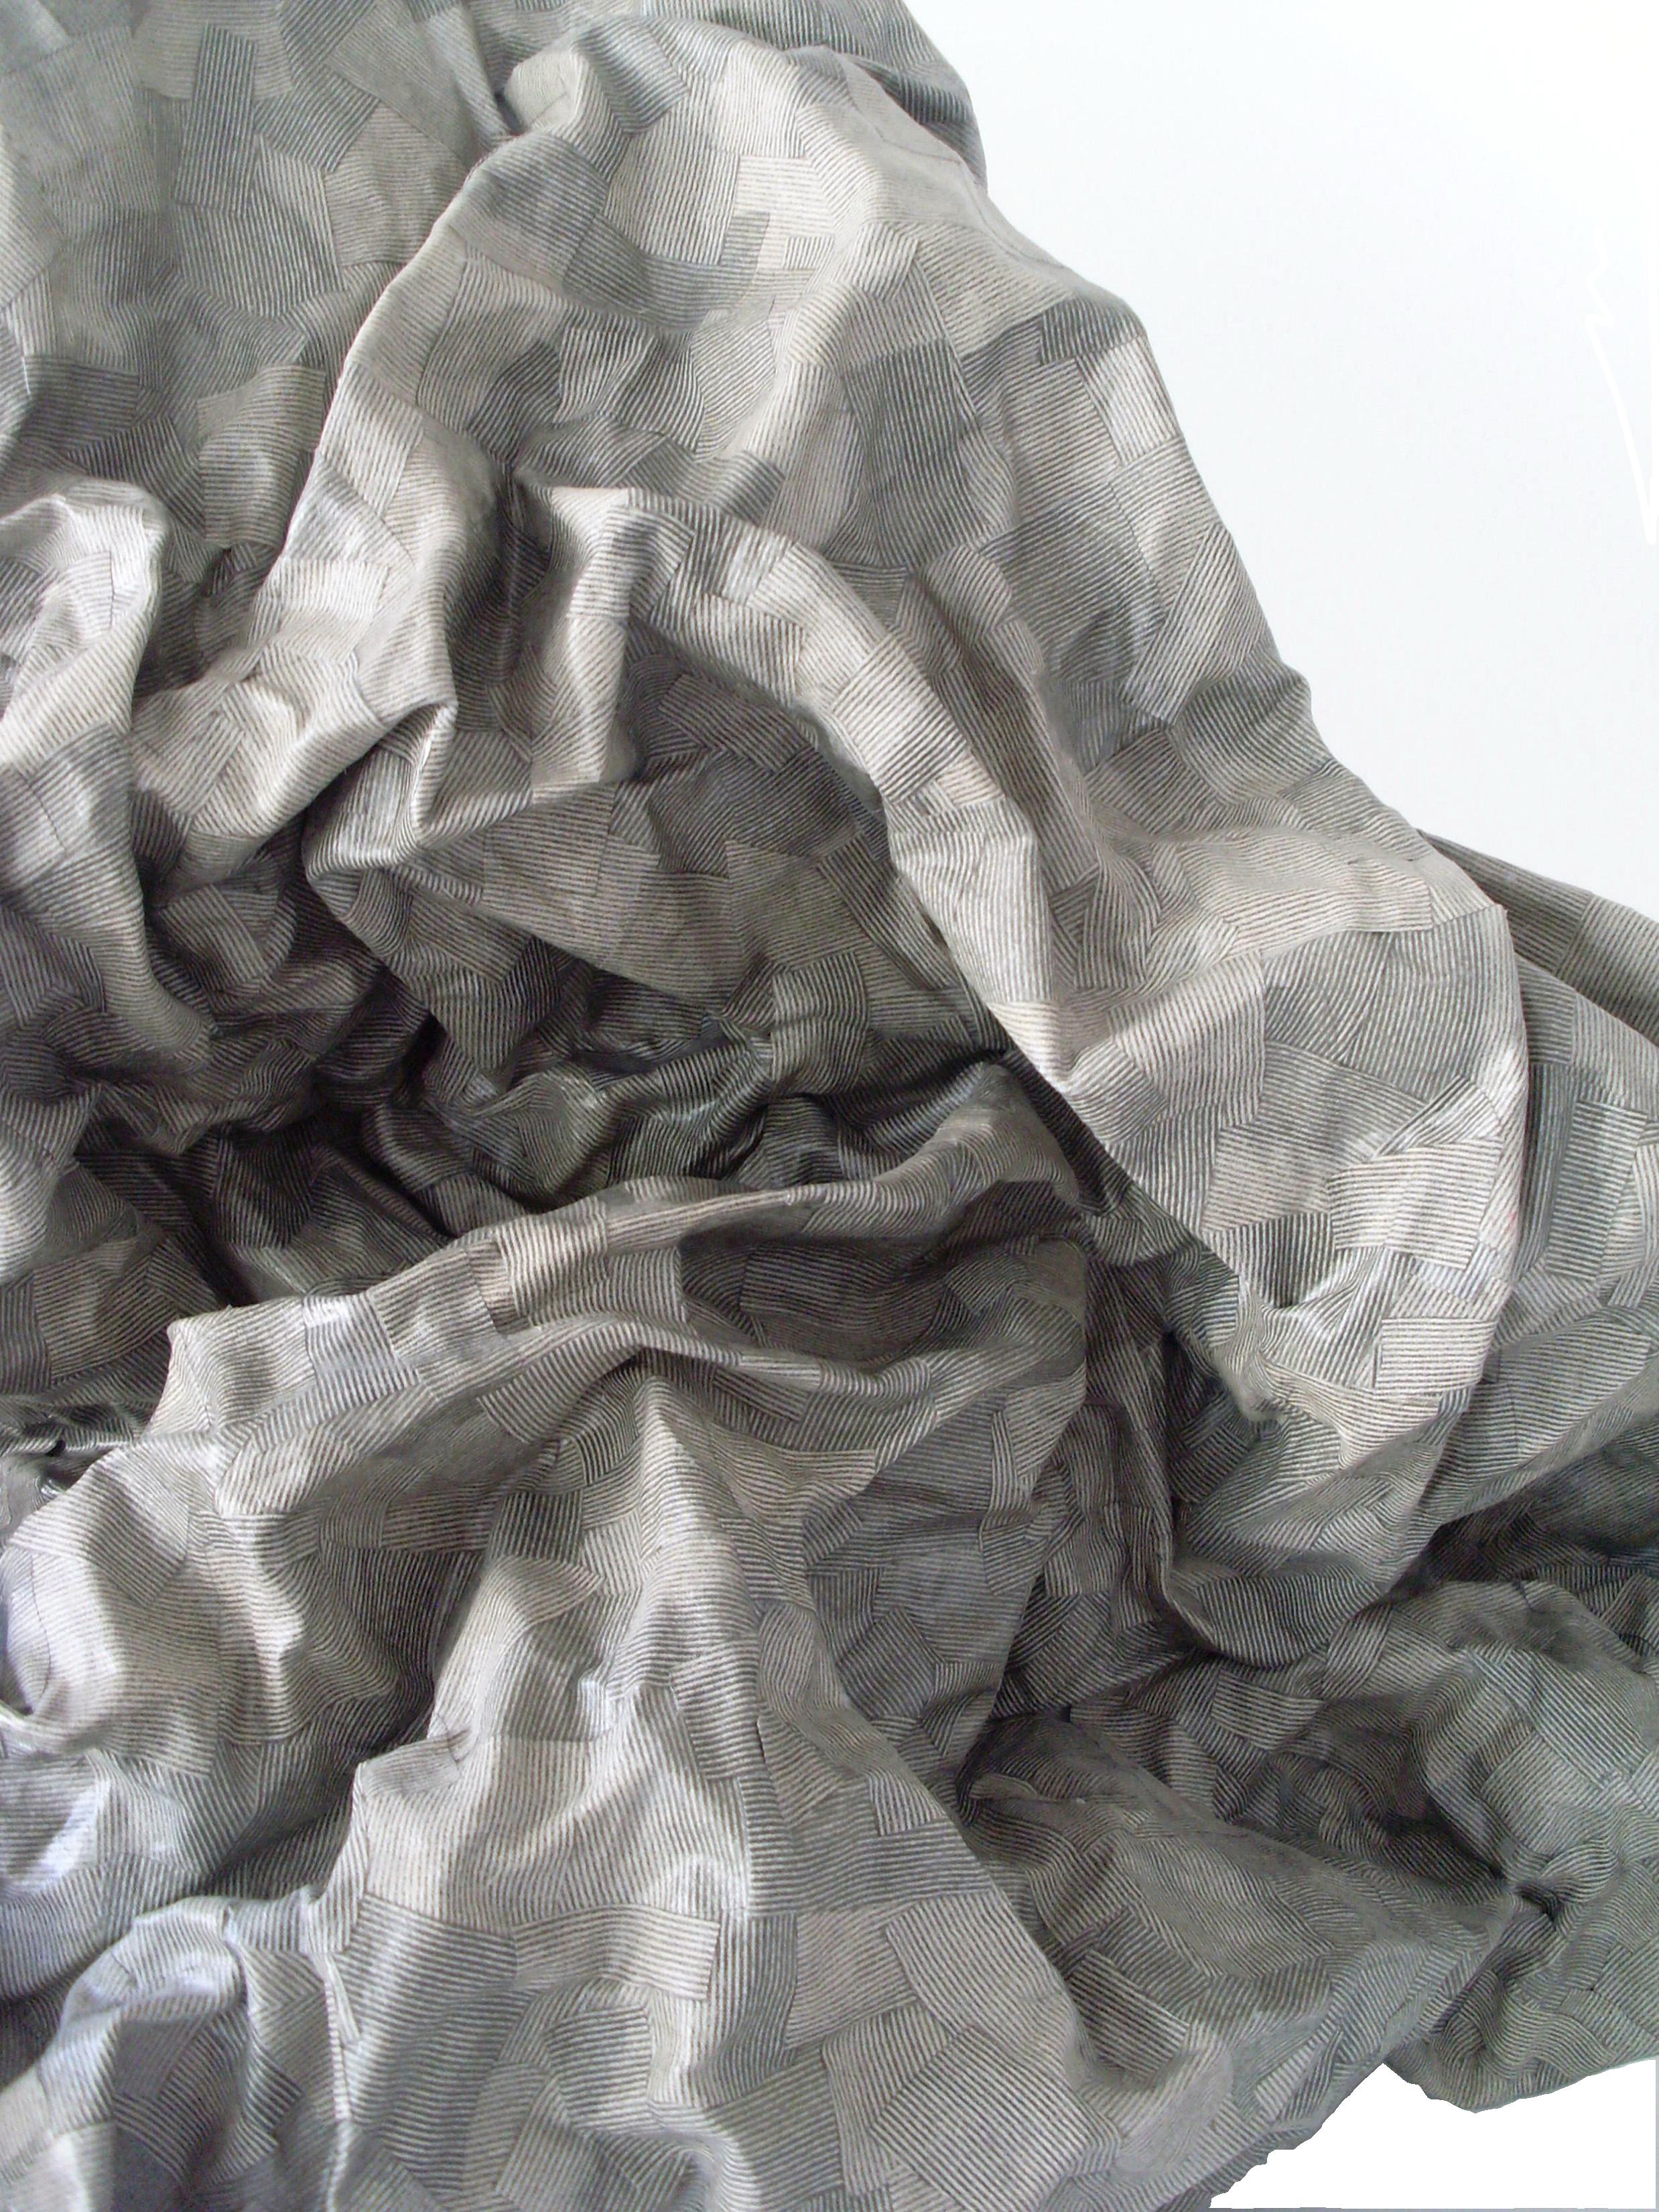 Emma Nony     Etude pour une figure ailée   - détails, 2015  Collage sur papier de morceaux de tissu récupéré  56 cm x 26 cm x 47 cm